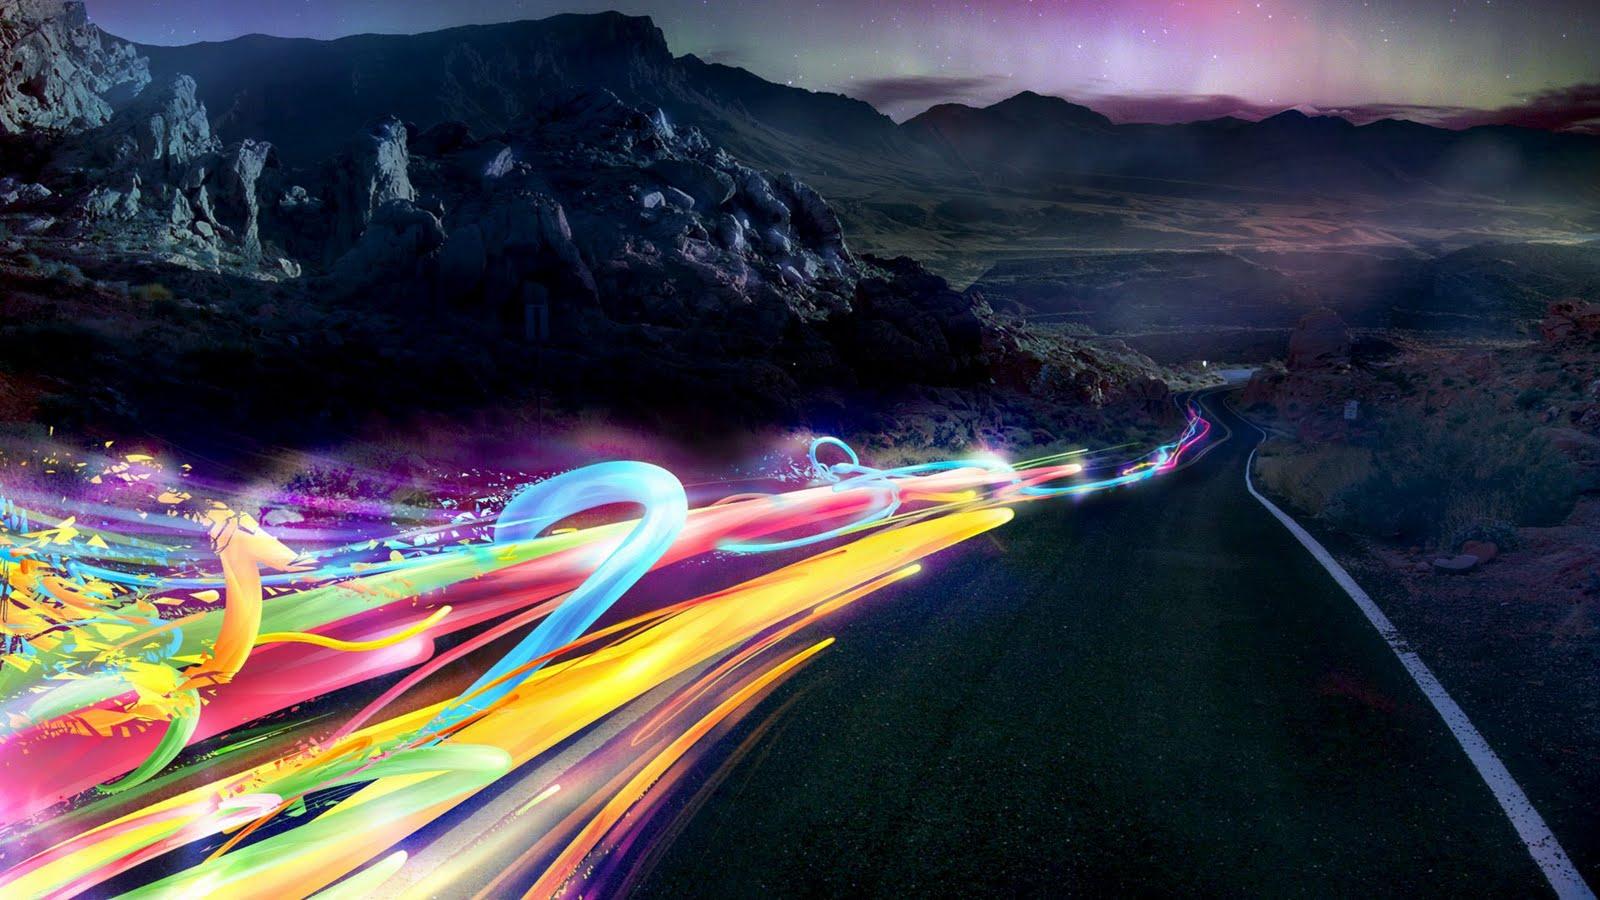 Fondos abstractos de colores - Taringa!